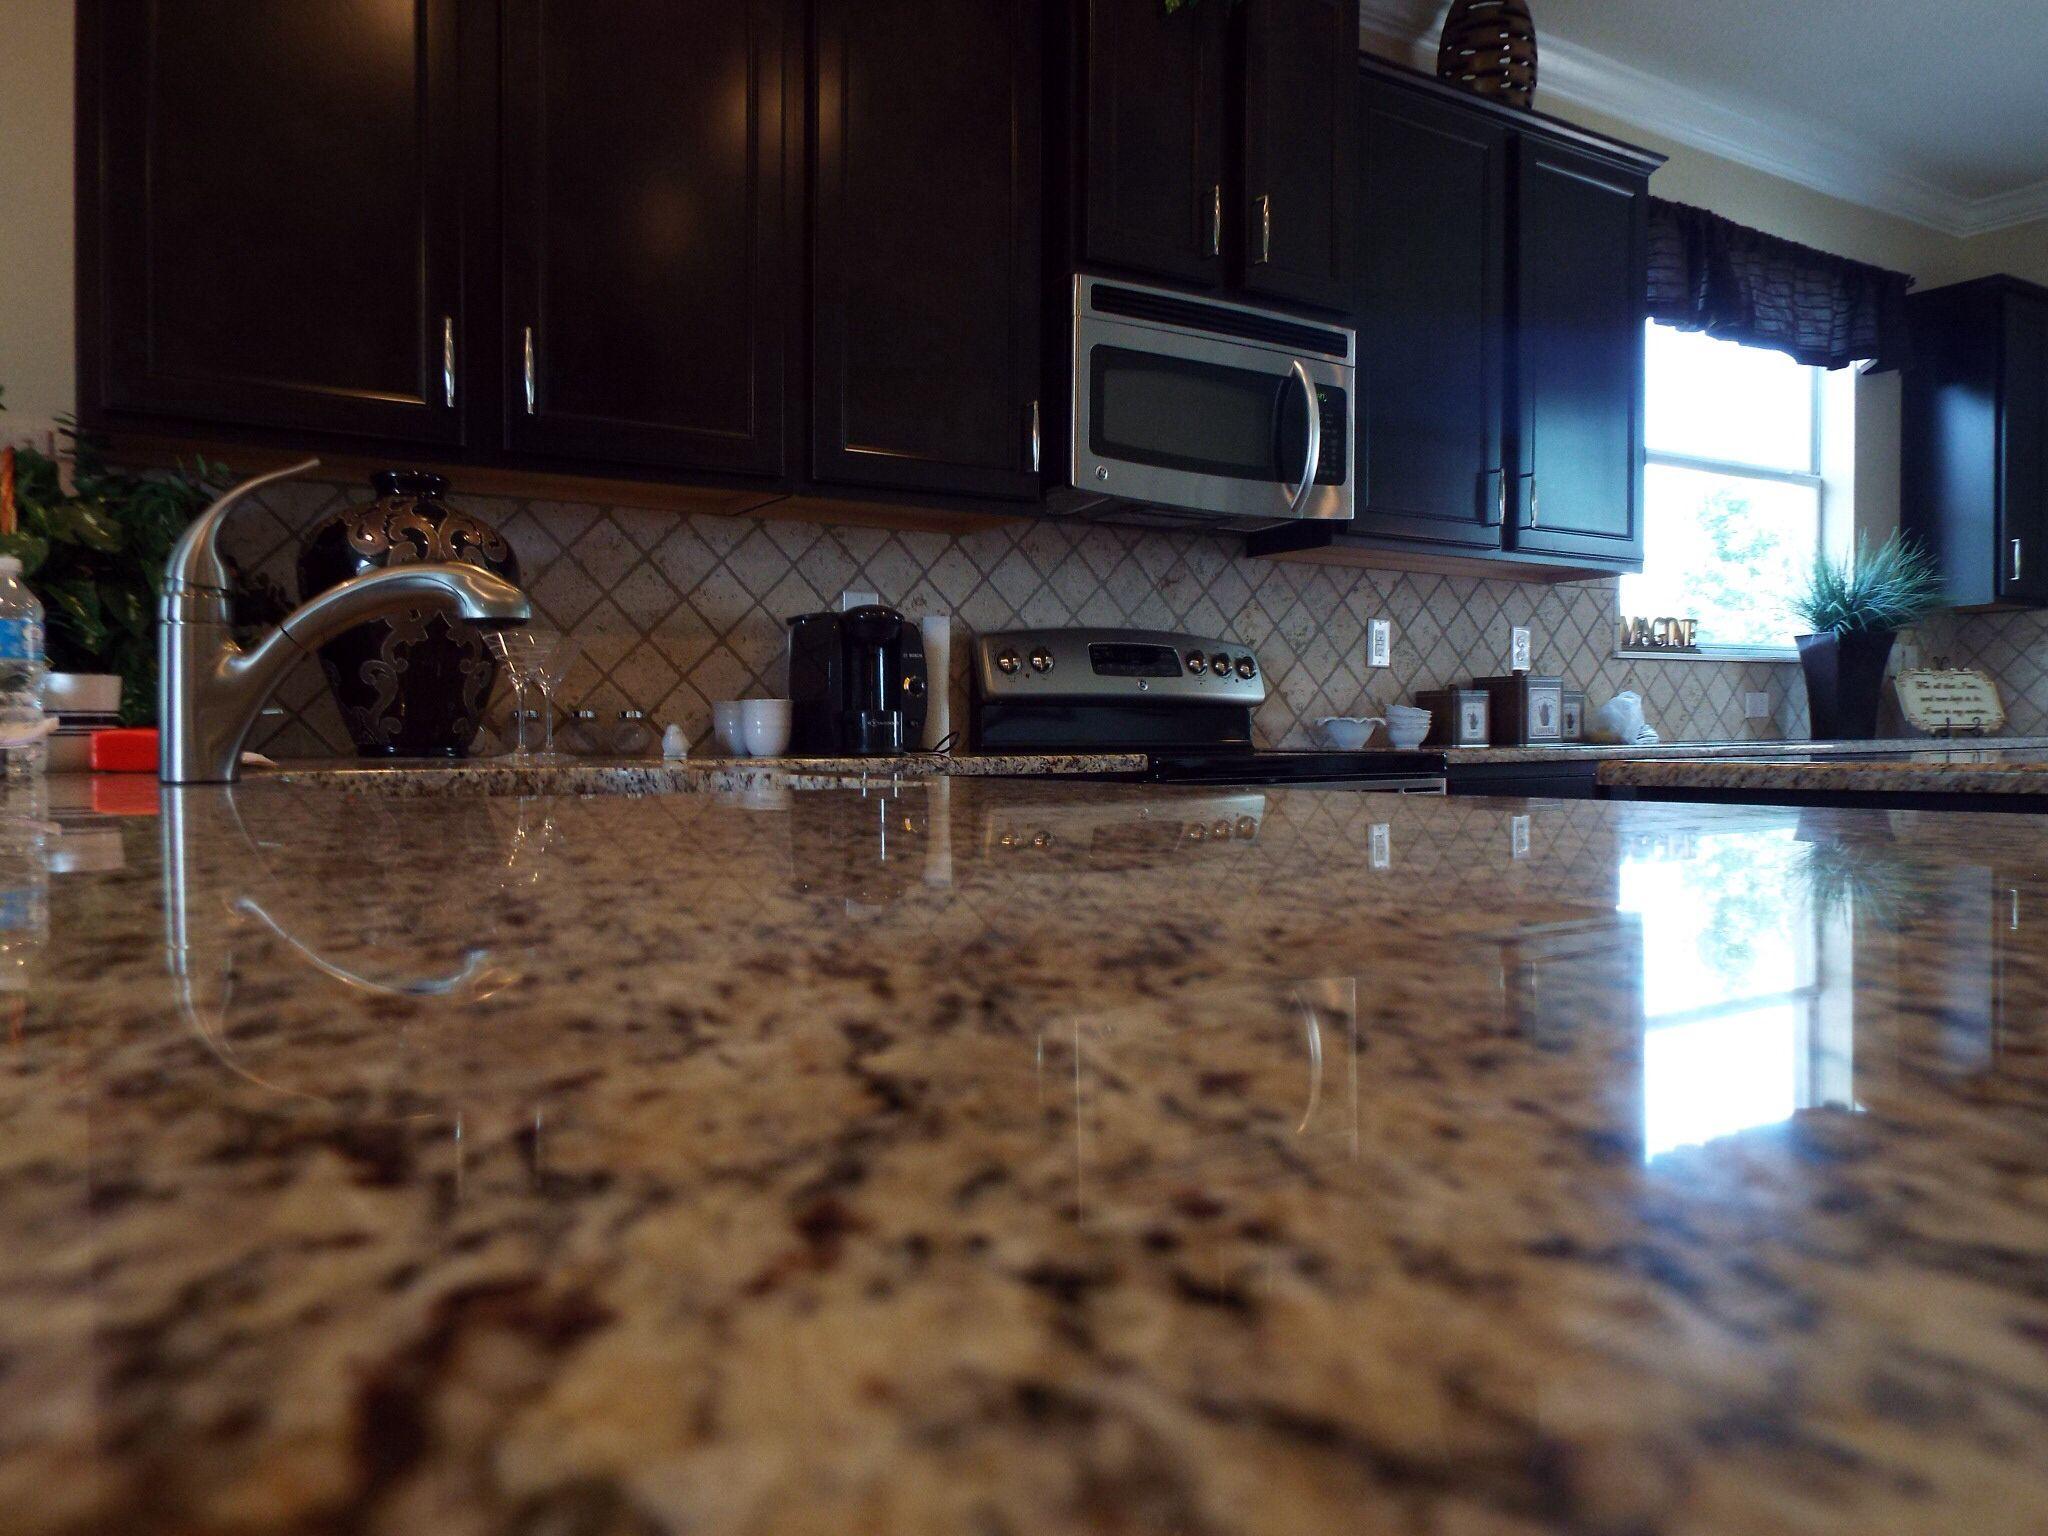 Granite countertops sarsaparilla color Aristakrat cabinets in